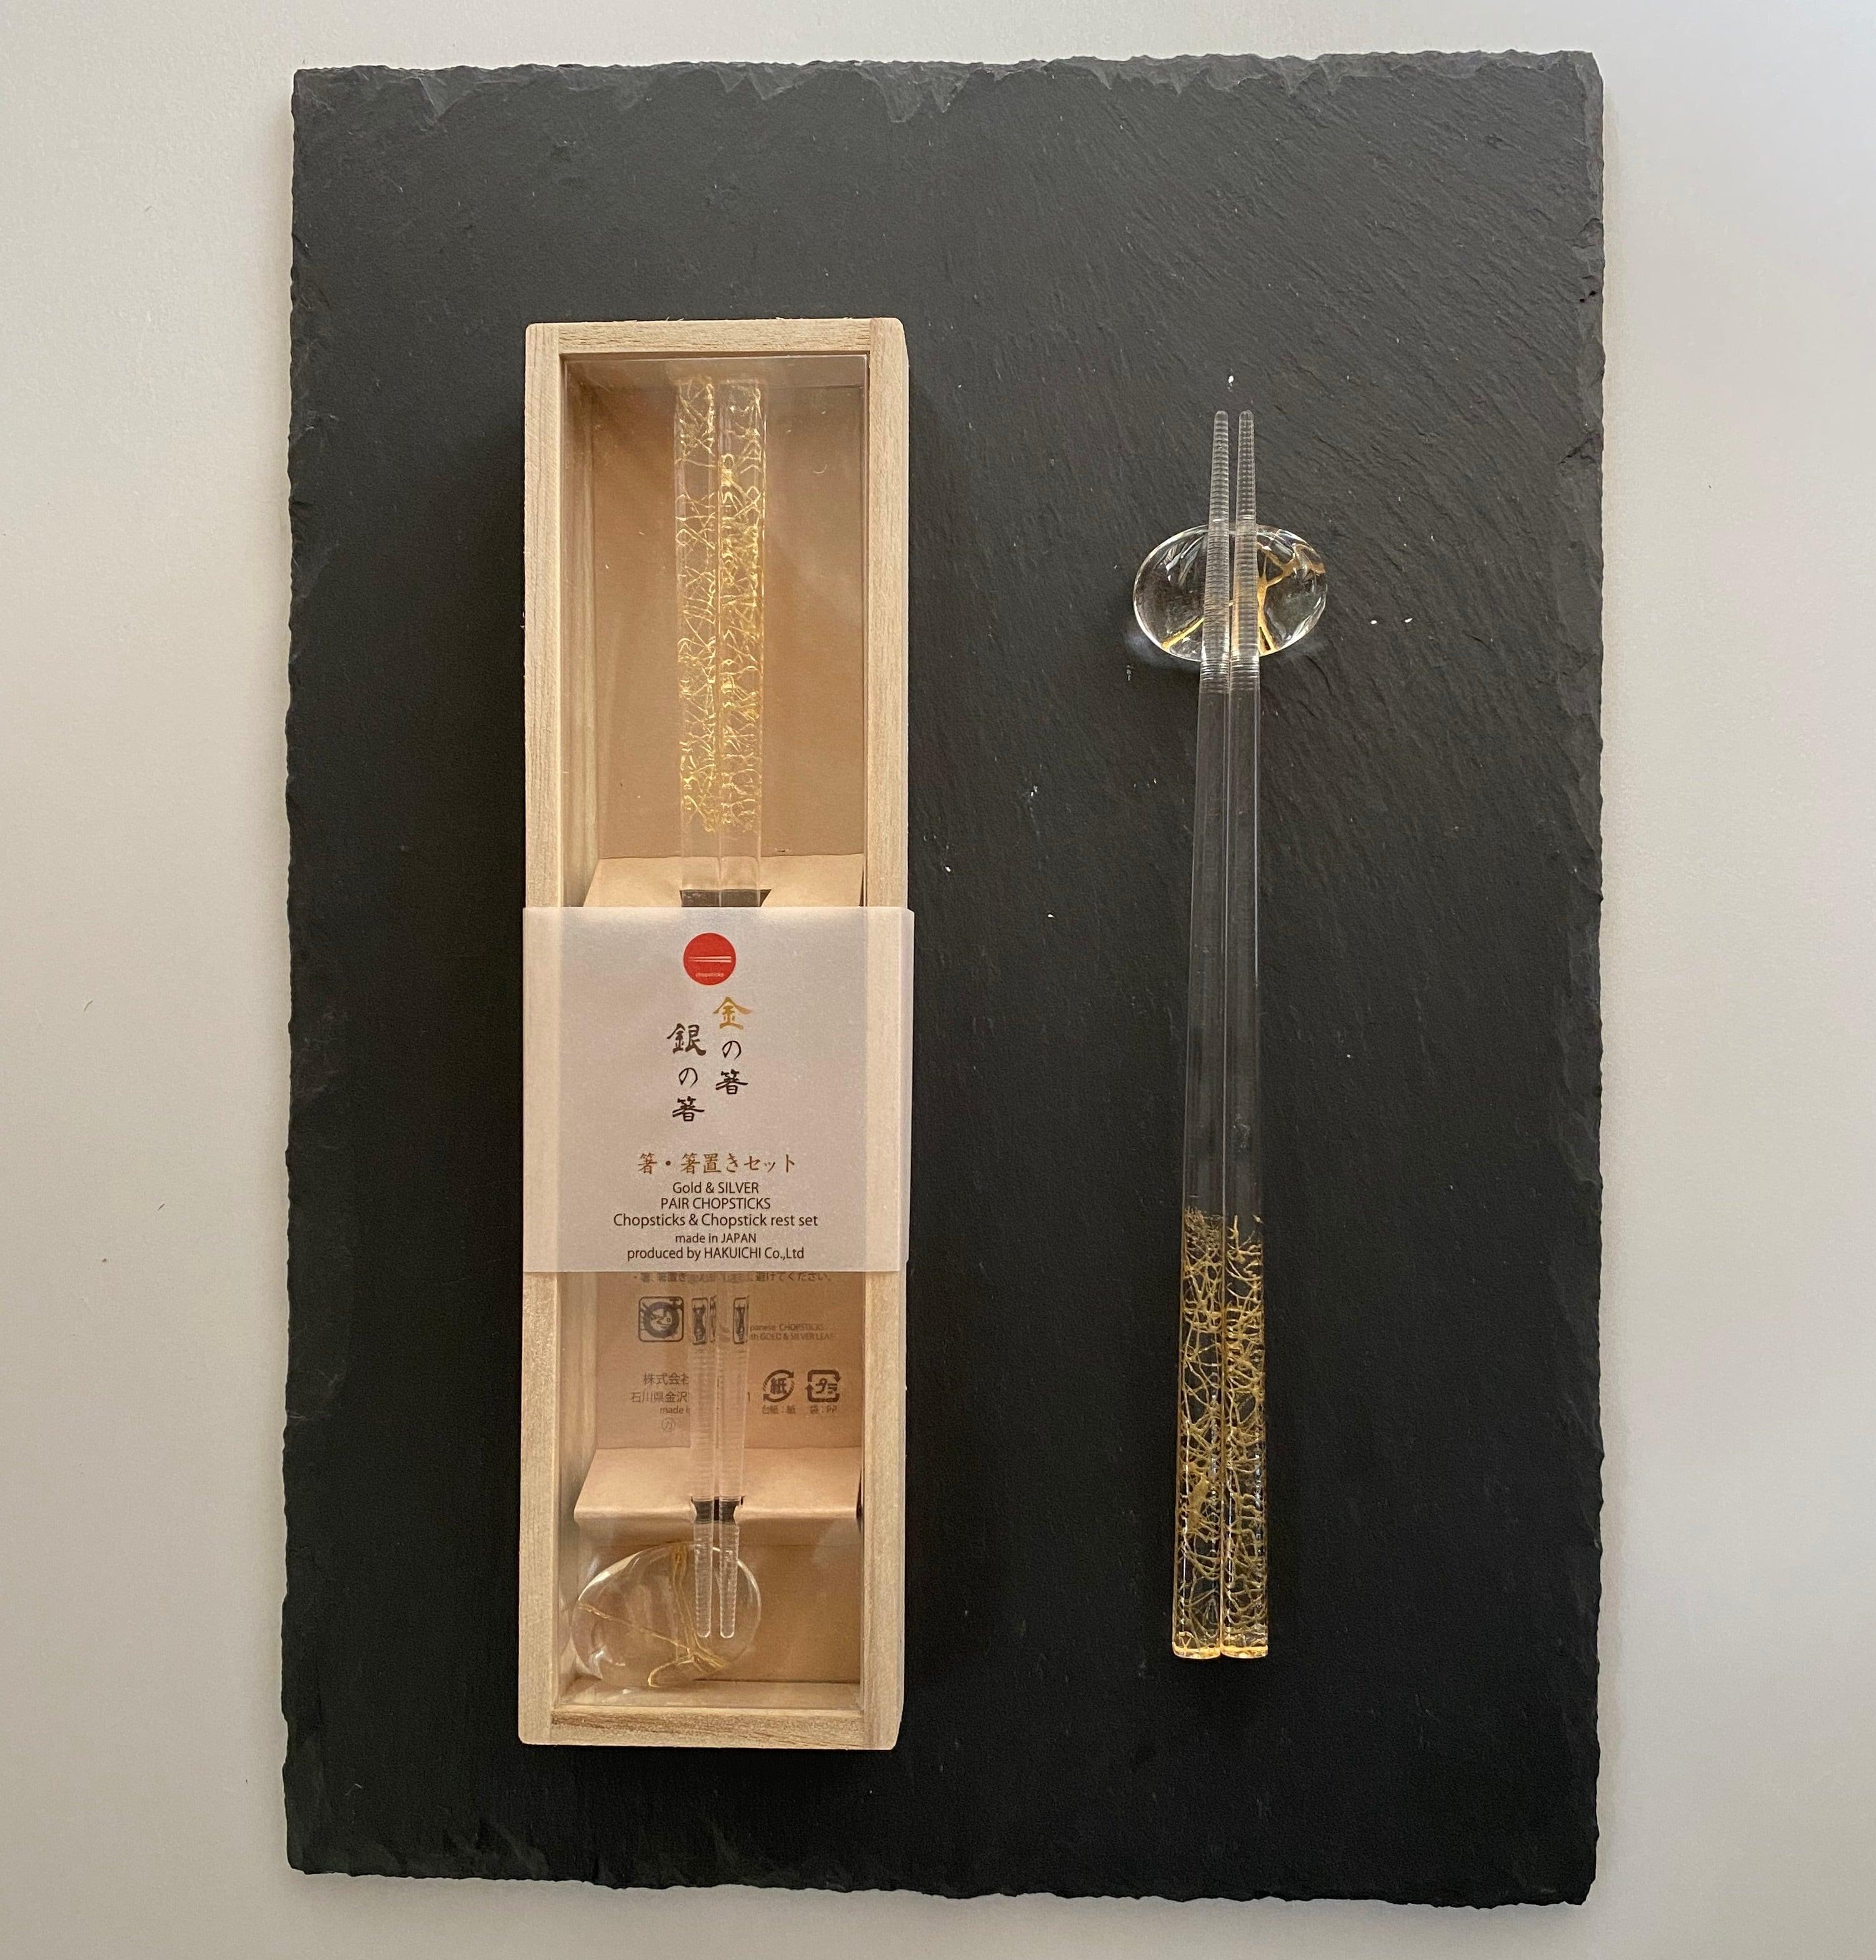 クリア箸+ガラス箸置きセット 金糸